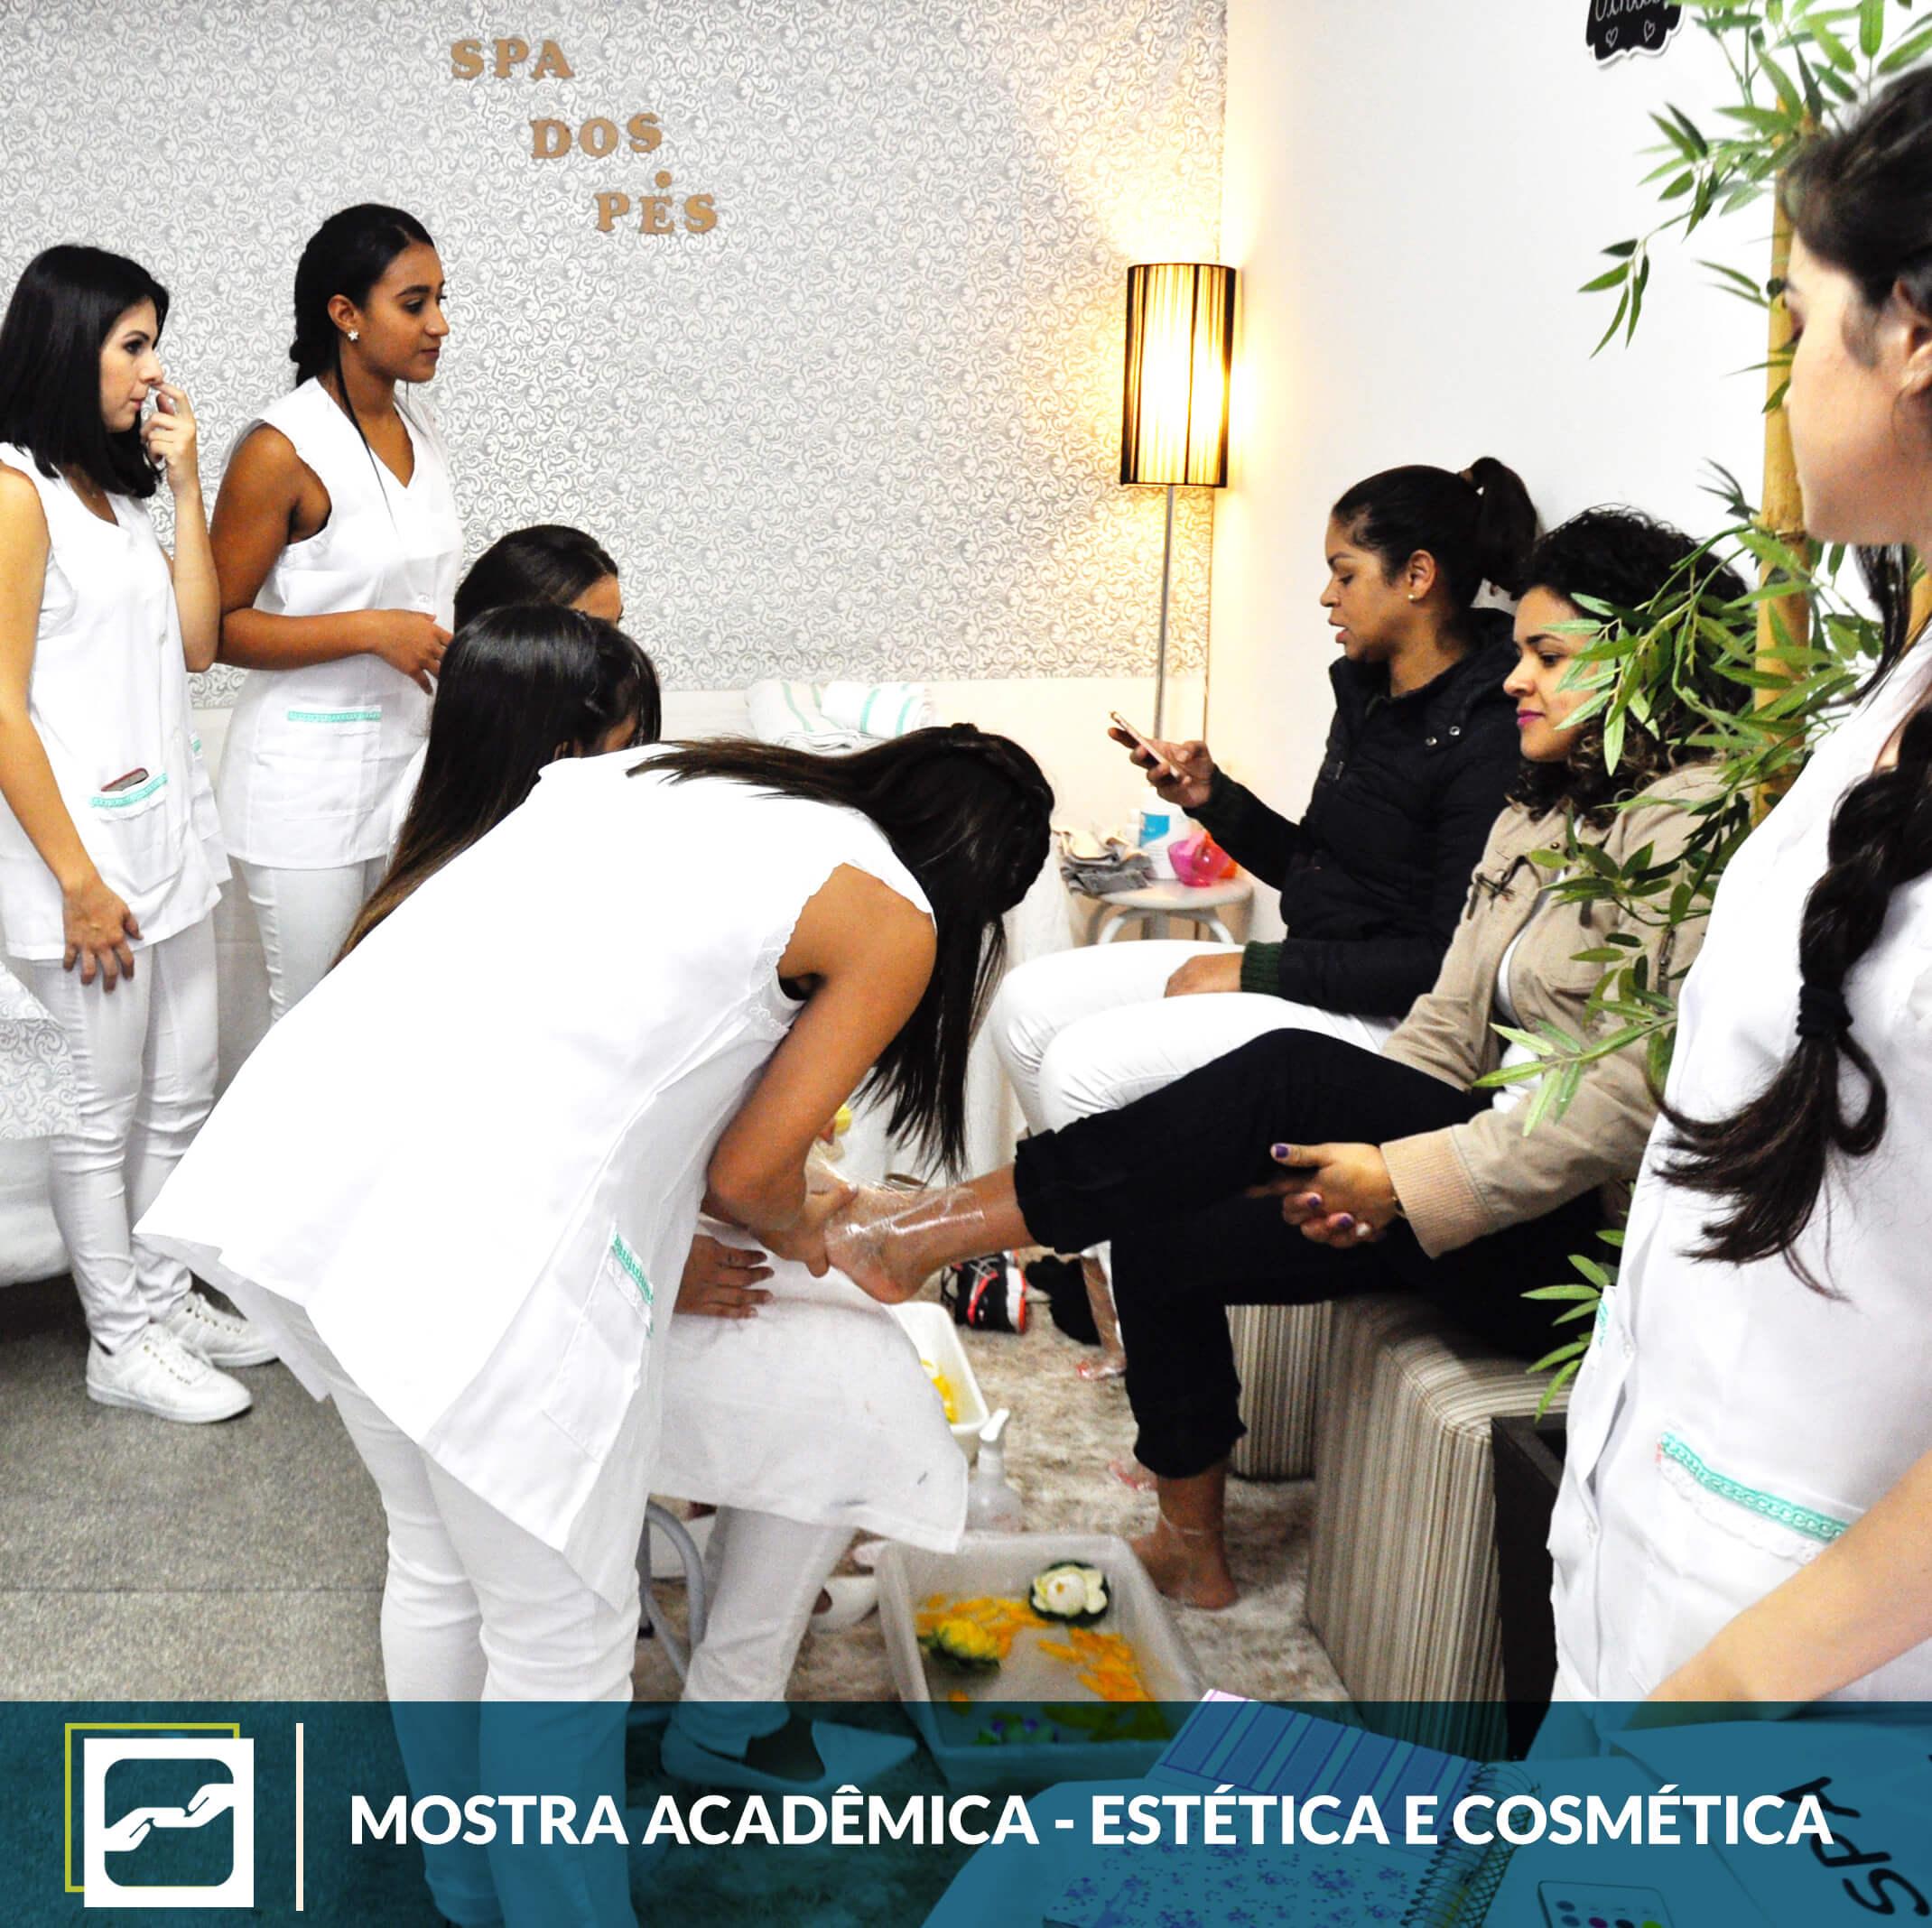 mostra-academia-estetica-cosmetica-famesp